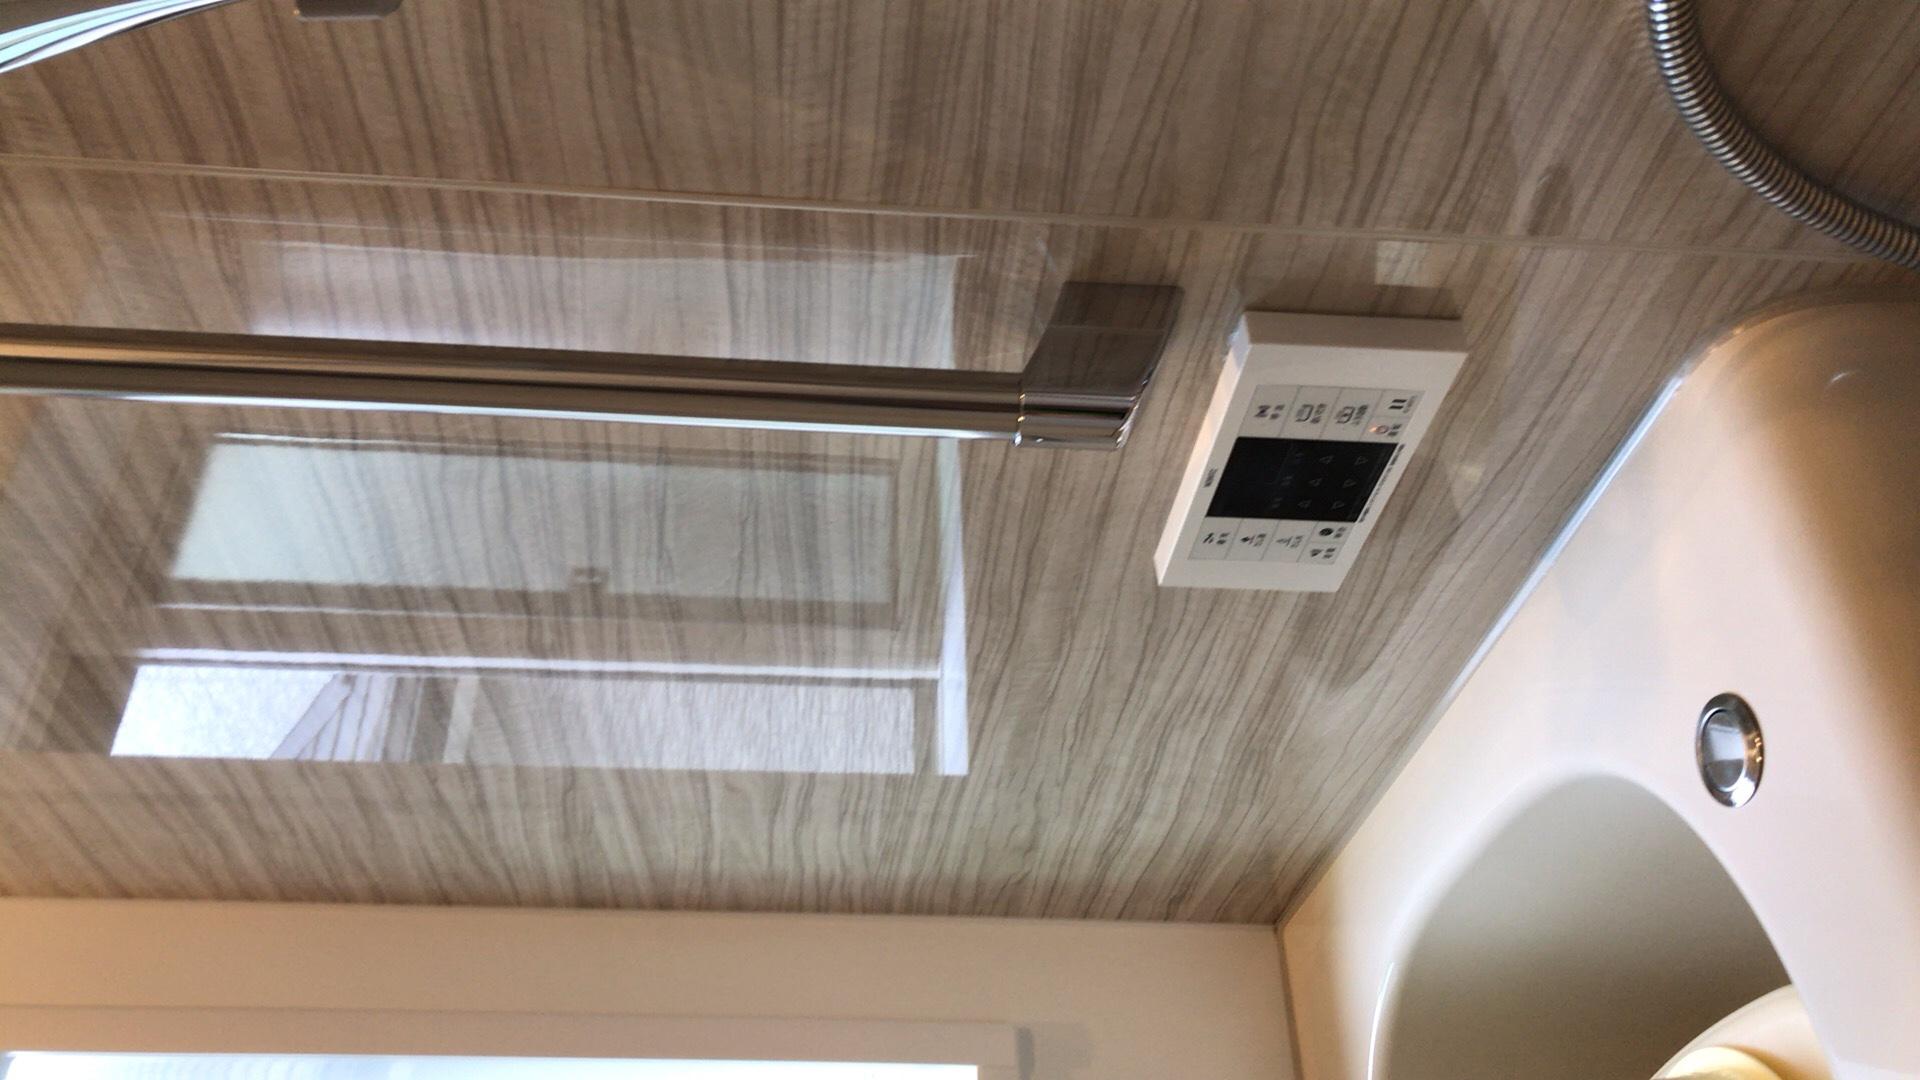 ハウスクリーニングで水垢を除去した壁